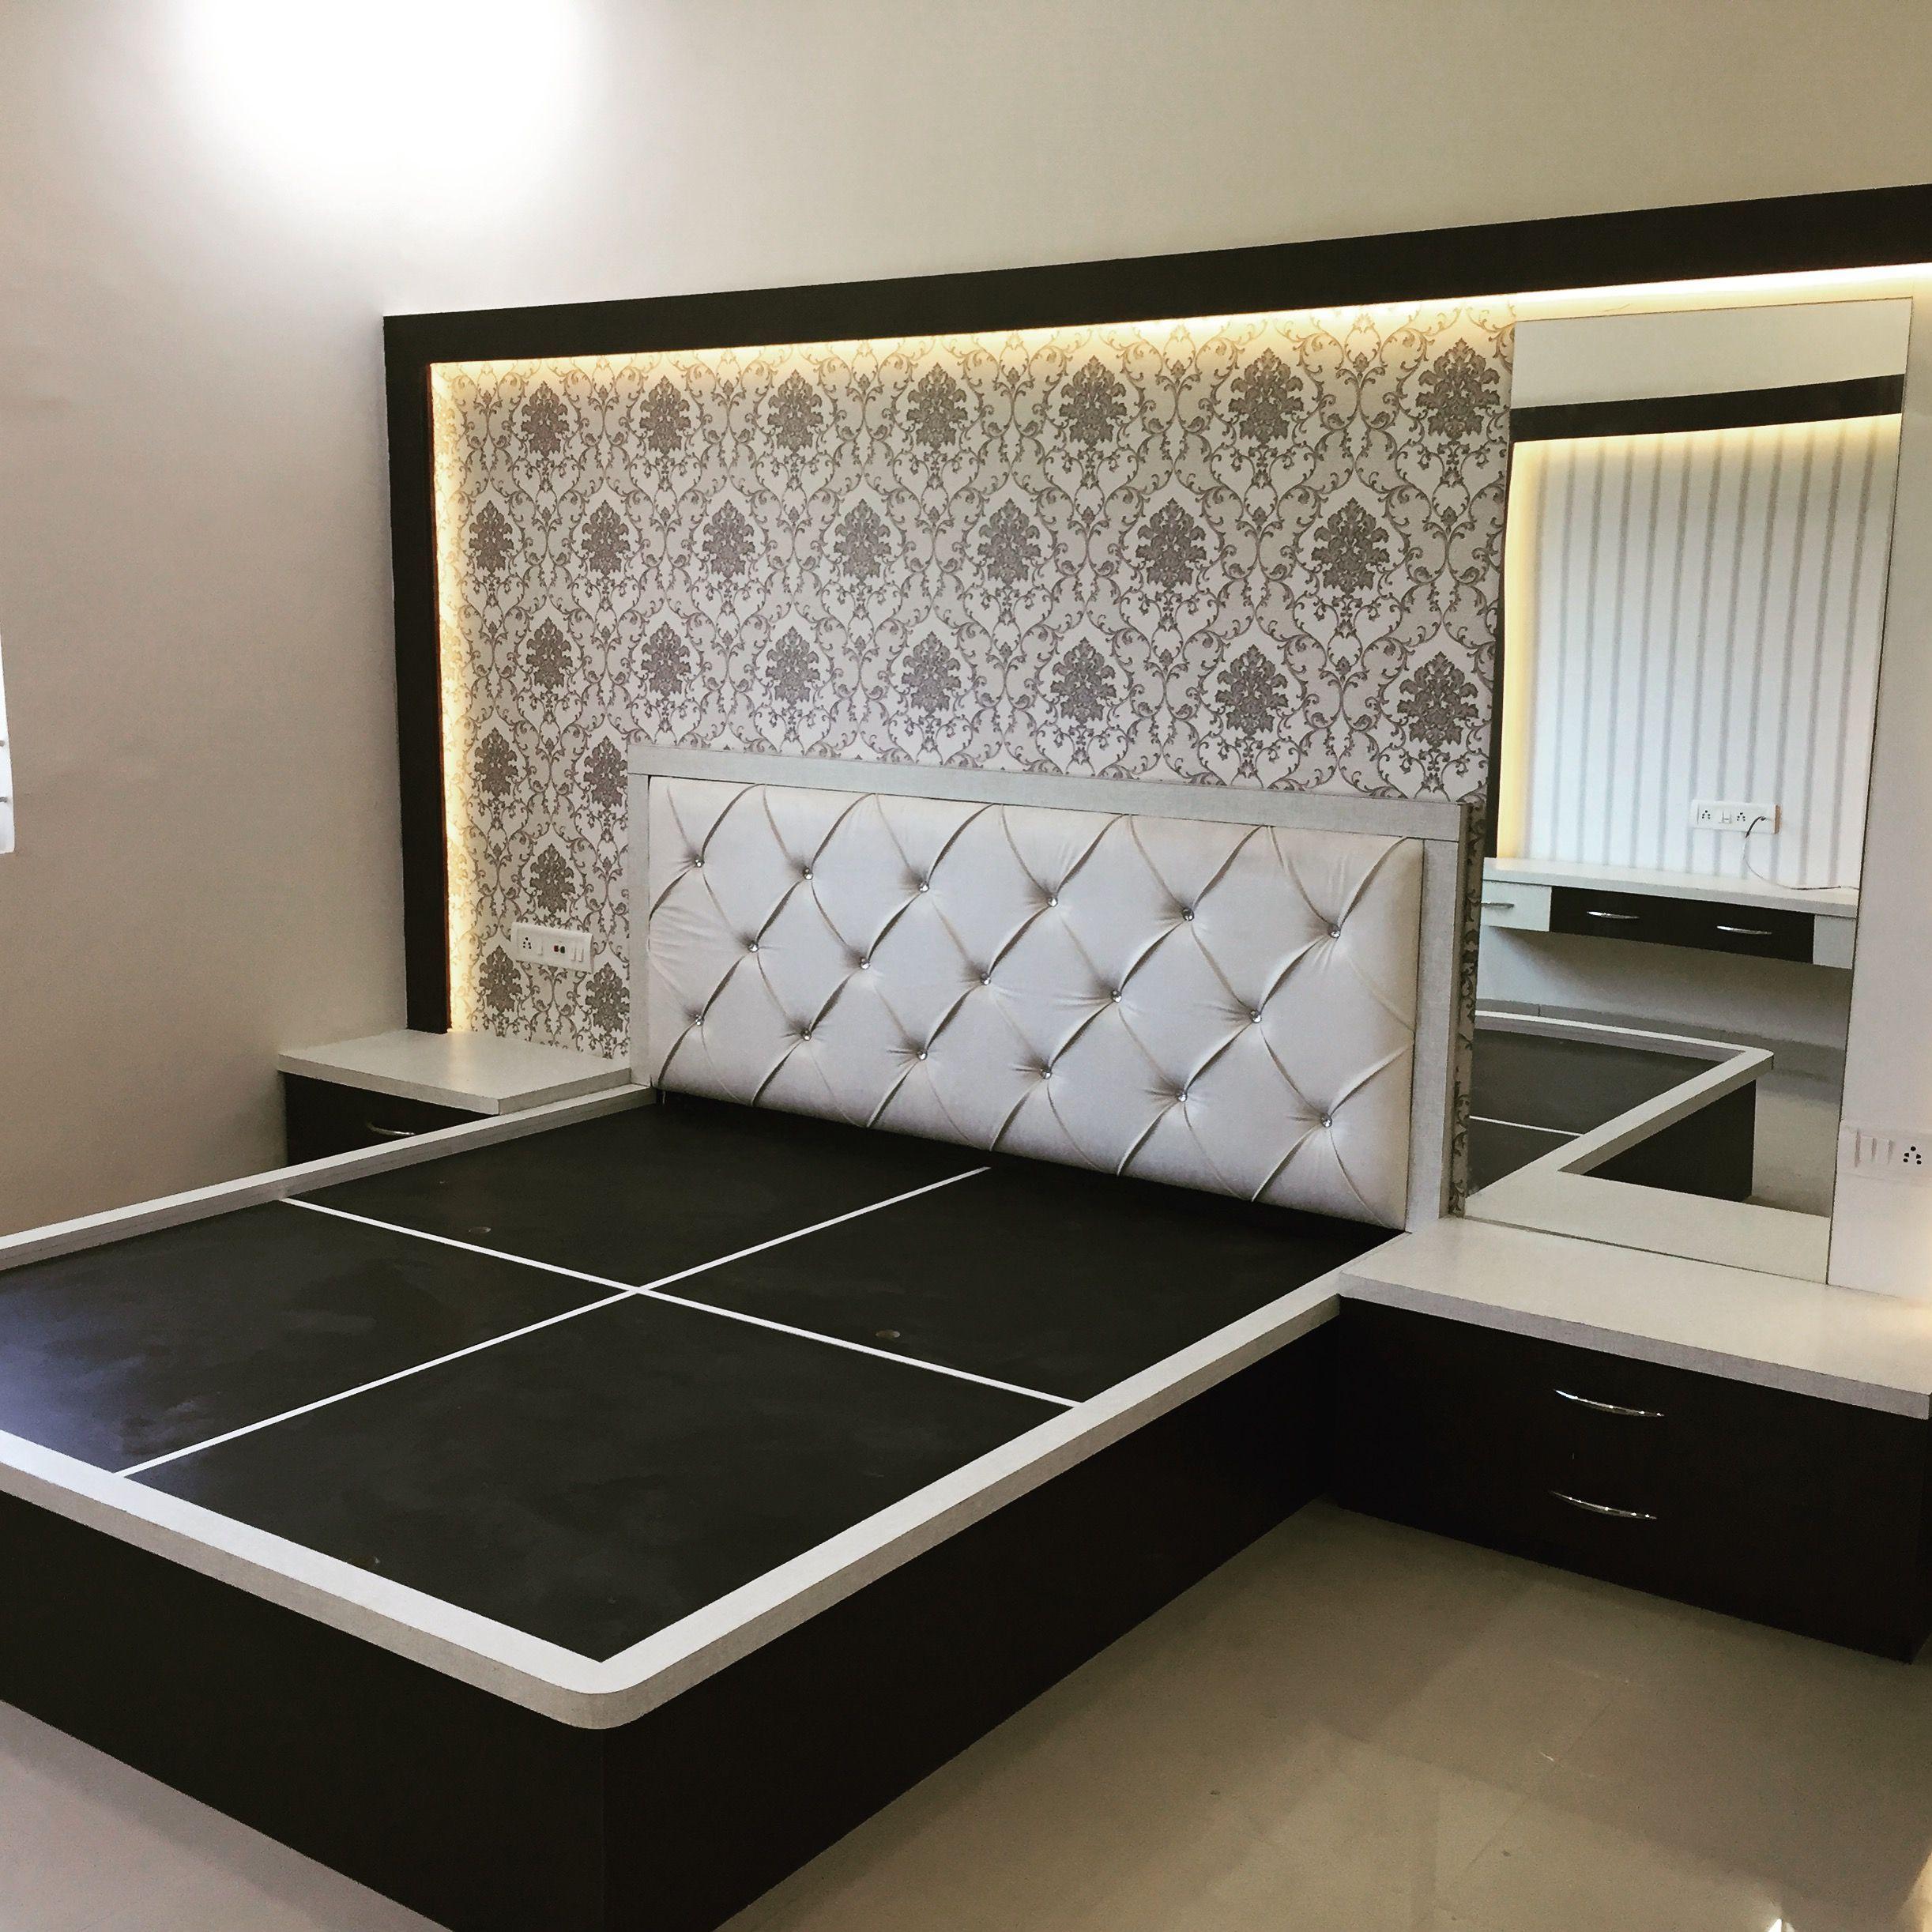 dawar siddiqui   bed furniture design, bedroom furniture